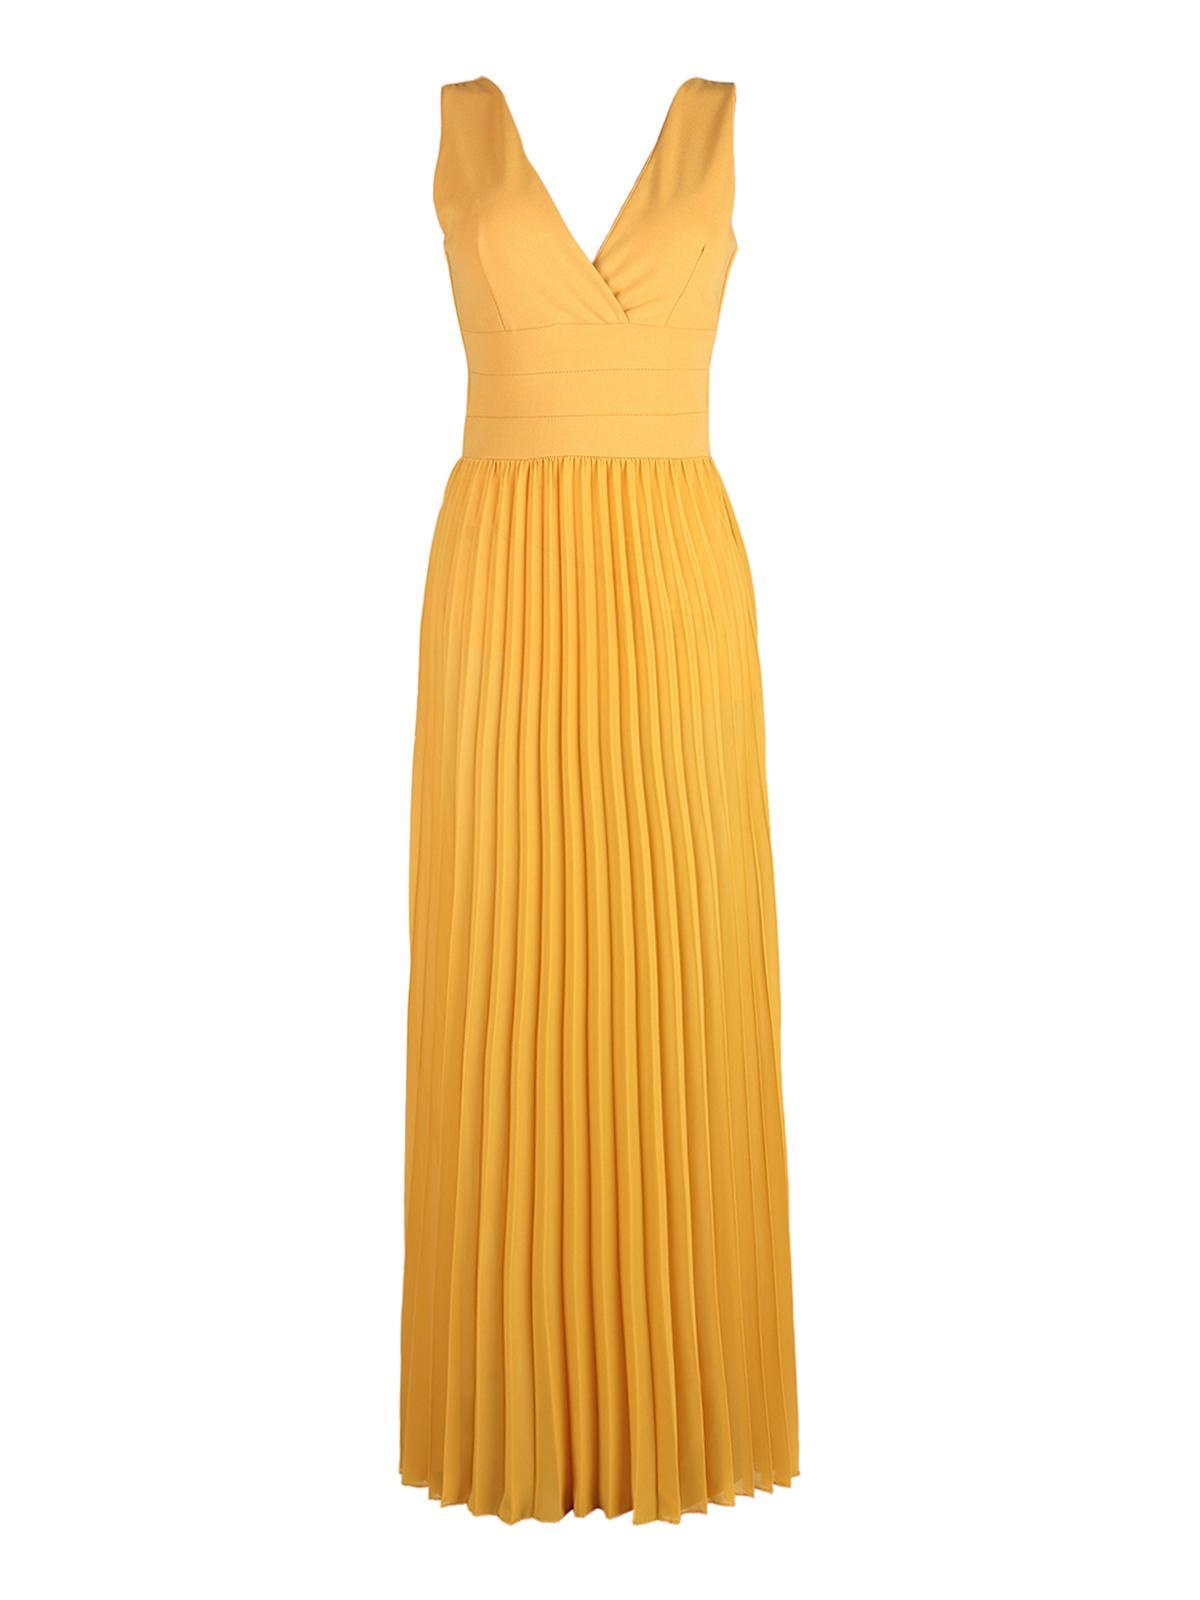 Elegantes Kleid mit langem Rock solada | MecShopping